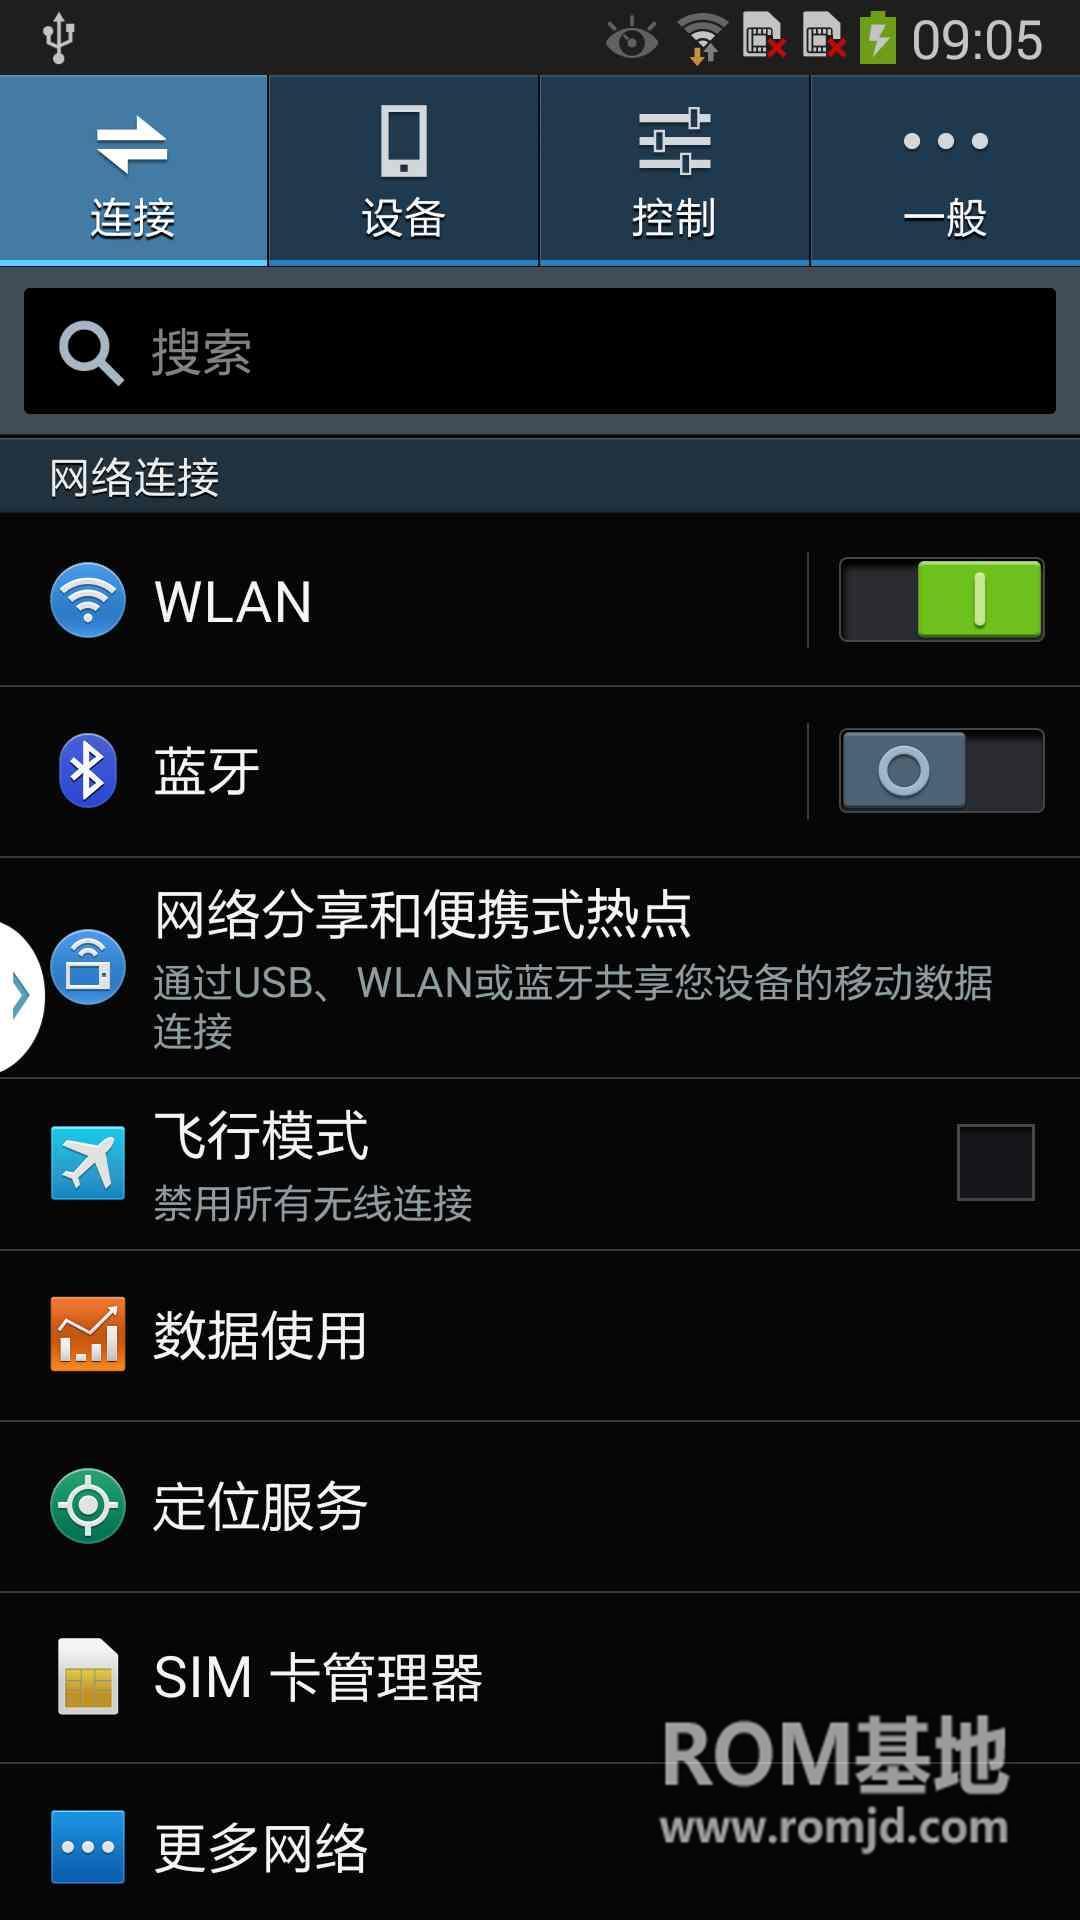 绿化纯净 三星 N9002 刷机包 基于官方ZNUDNB2 精简制作 纯净版刷机包ROM刷机包截图